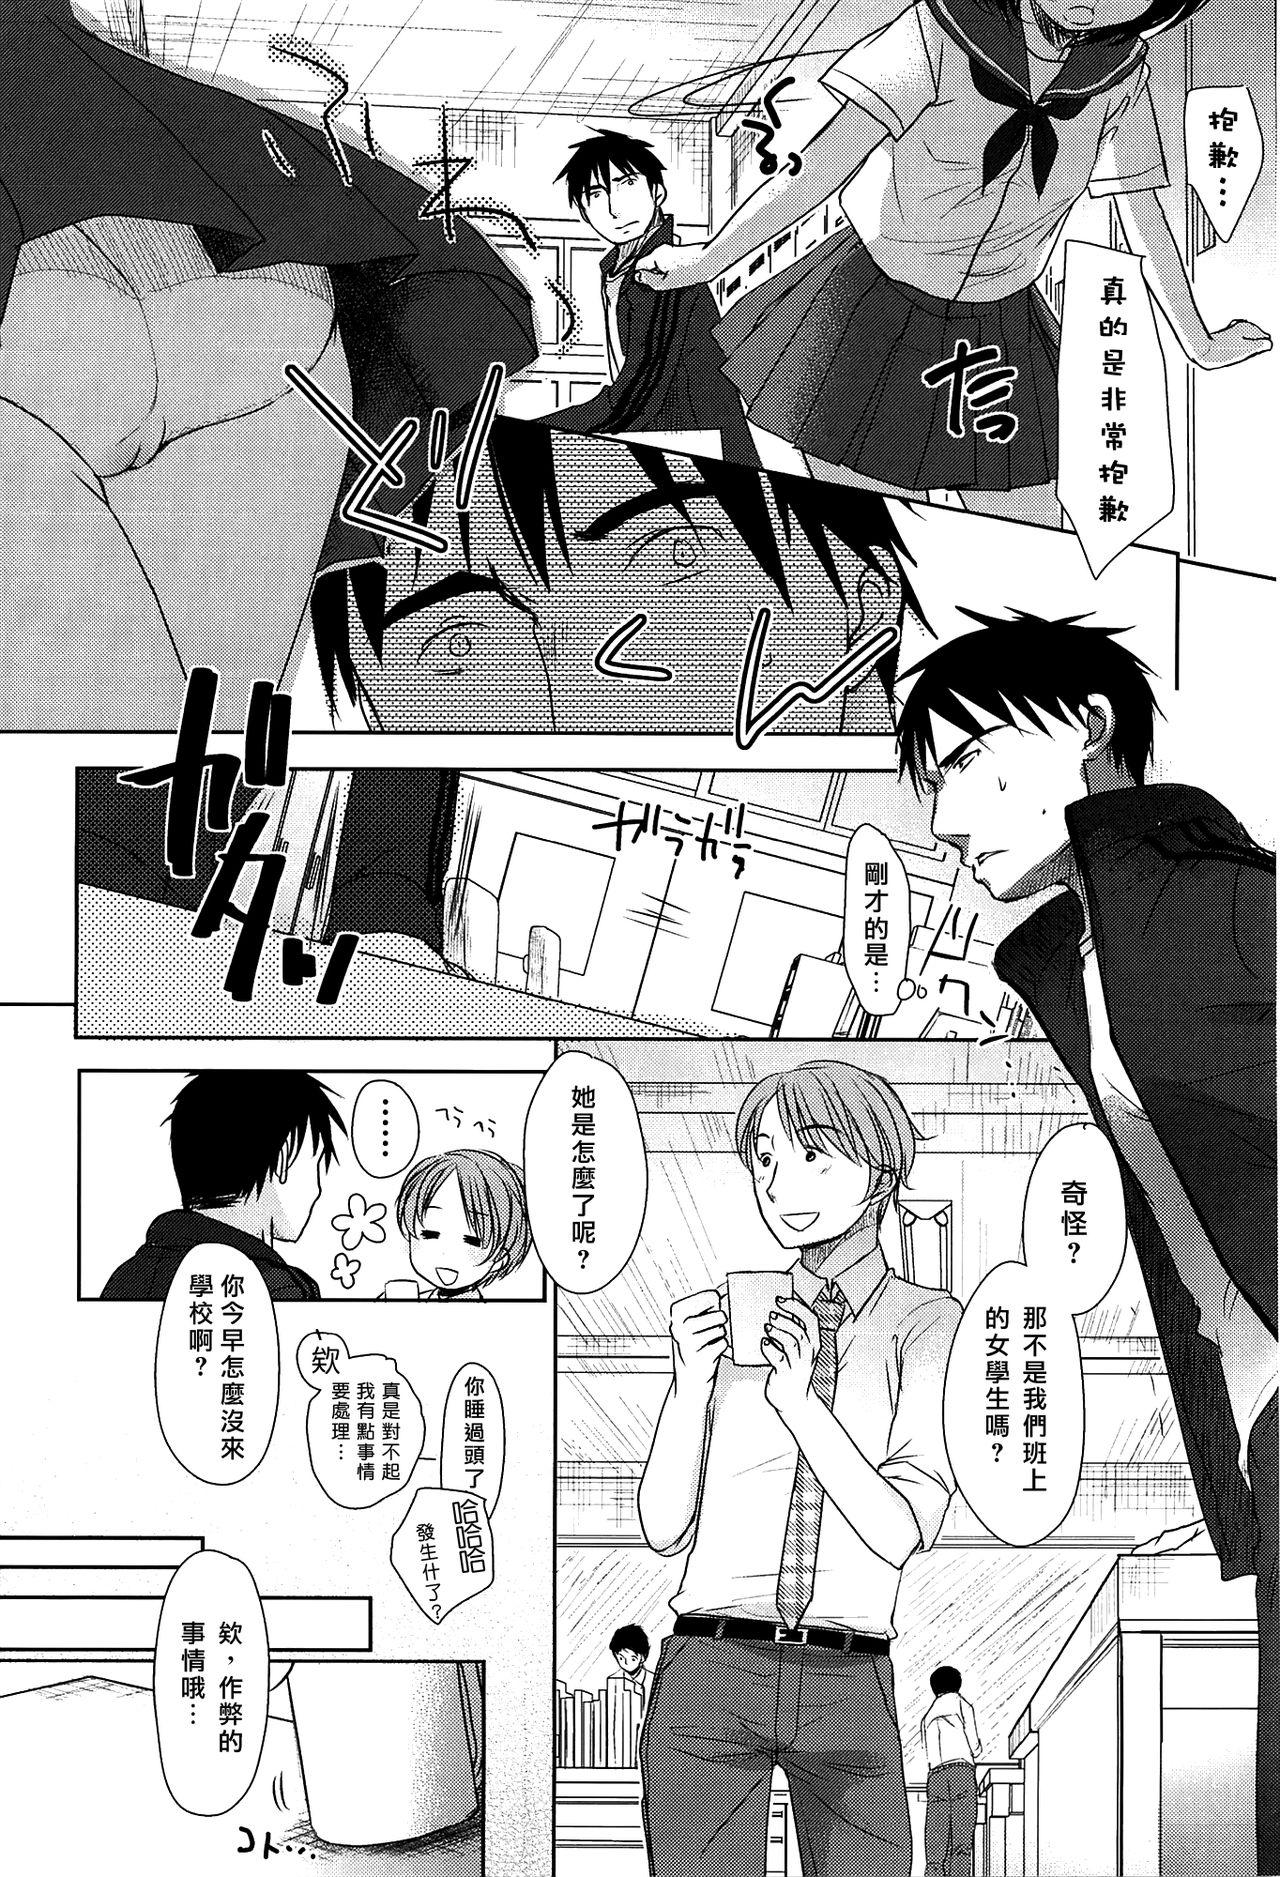 Sensei to, Watashi to. Jou 15